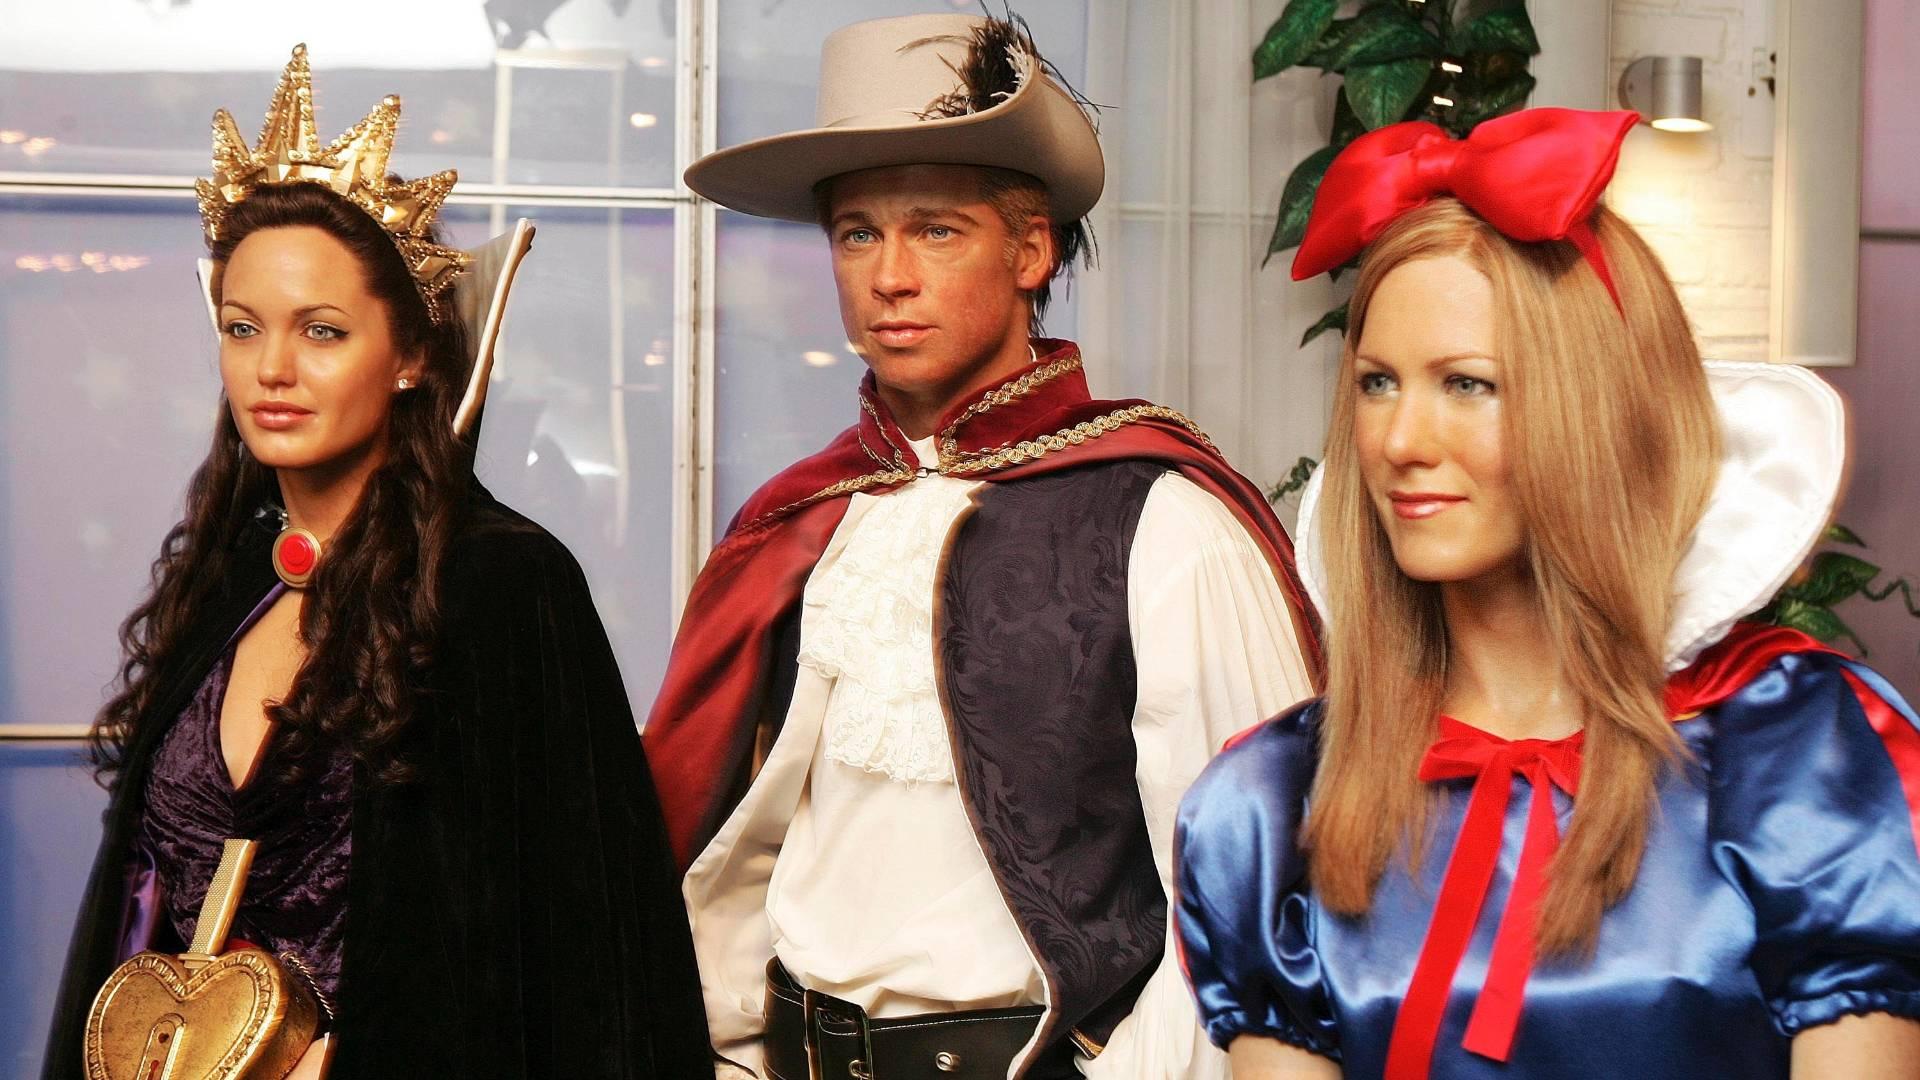 Figuras de cera de Angelina Jolie, Brad Pitt e Jennifer Aniston, vestidos como os personagens de Branca de Neve e os Sete Anões, no museu Madame Tussauds de Londres (8/1/2006)